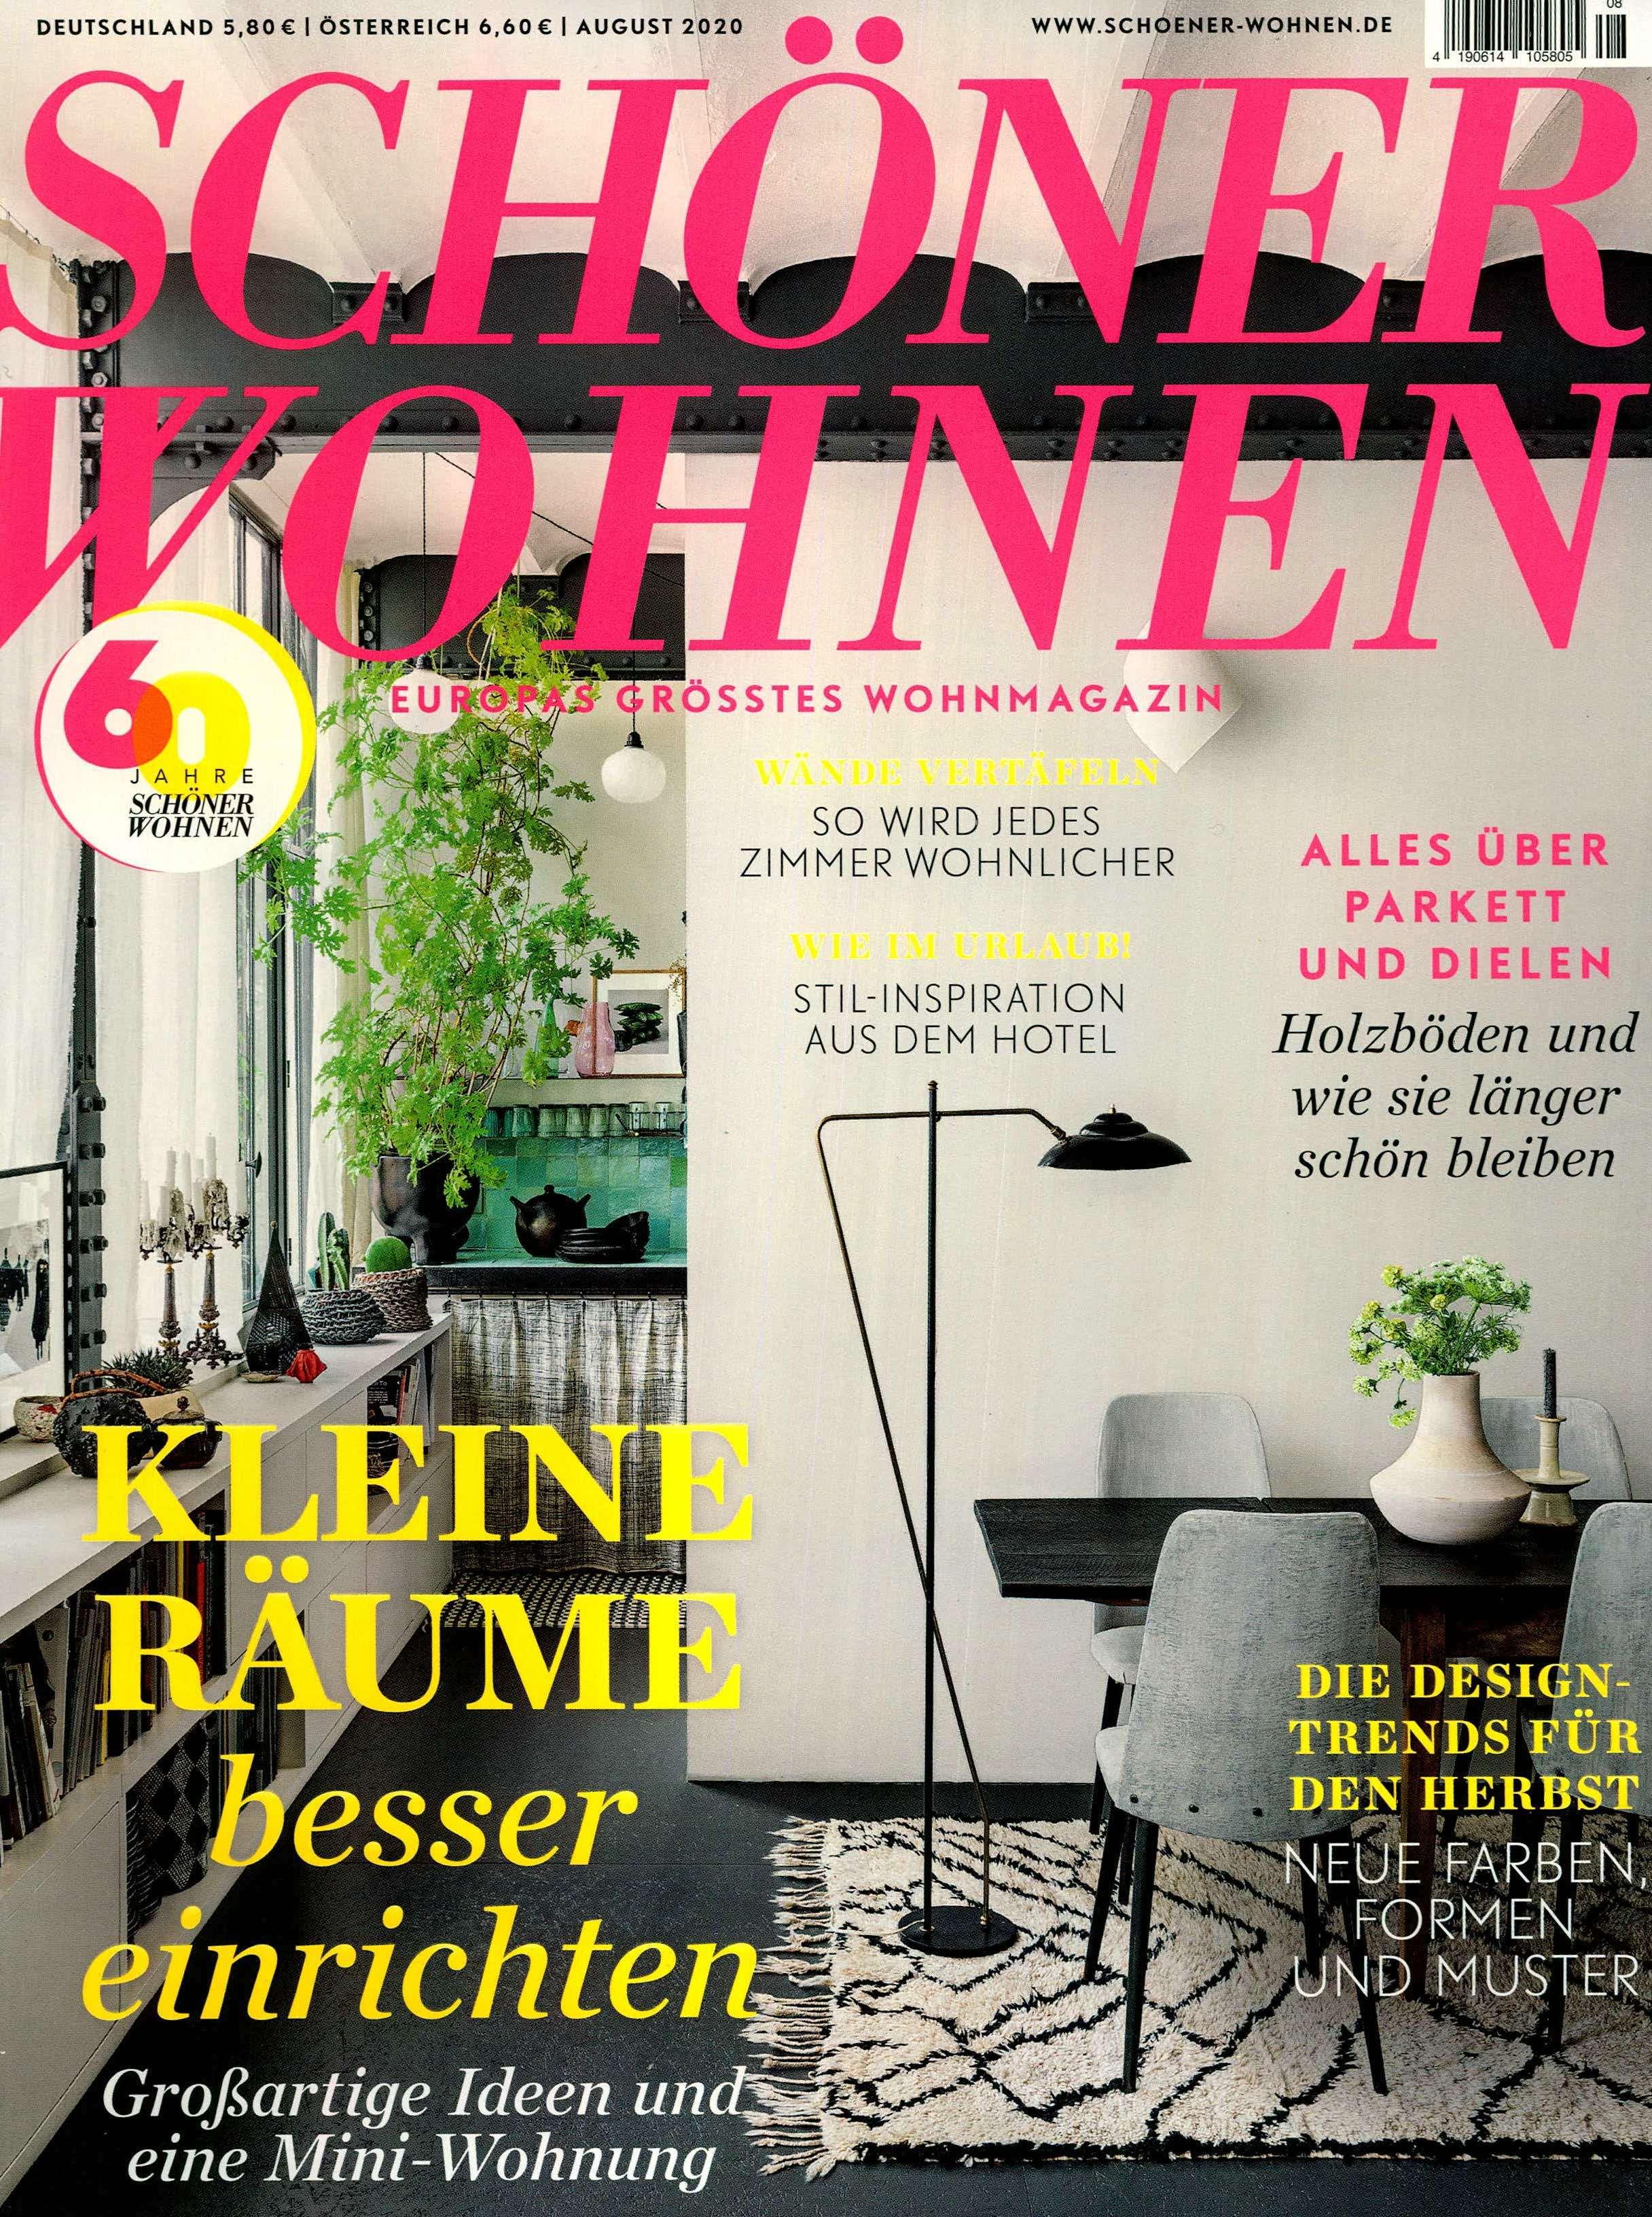 2020.08.01 – Schoner Wohnen DE – cover